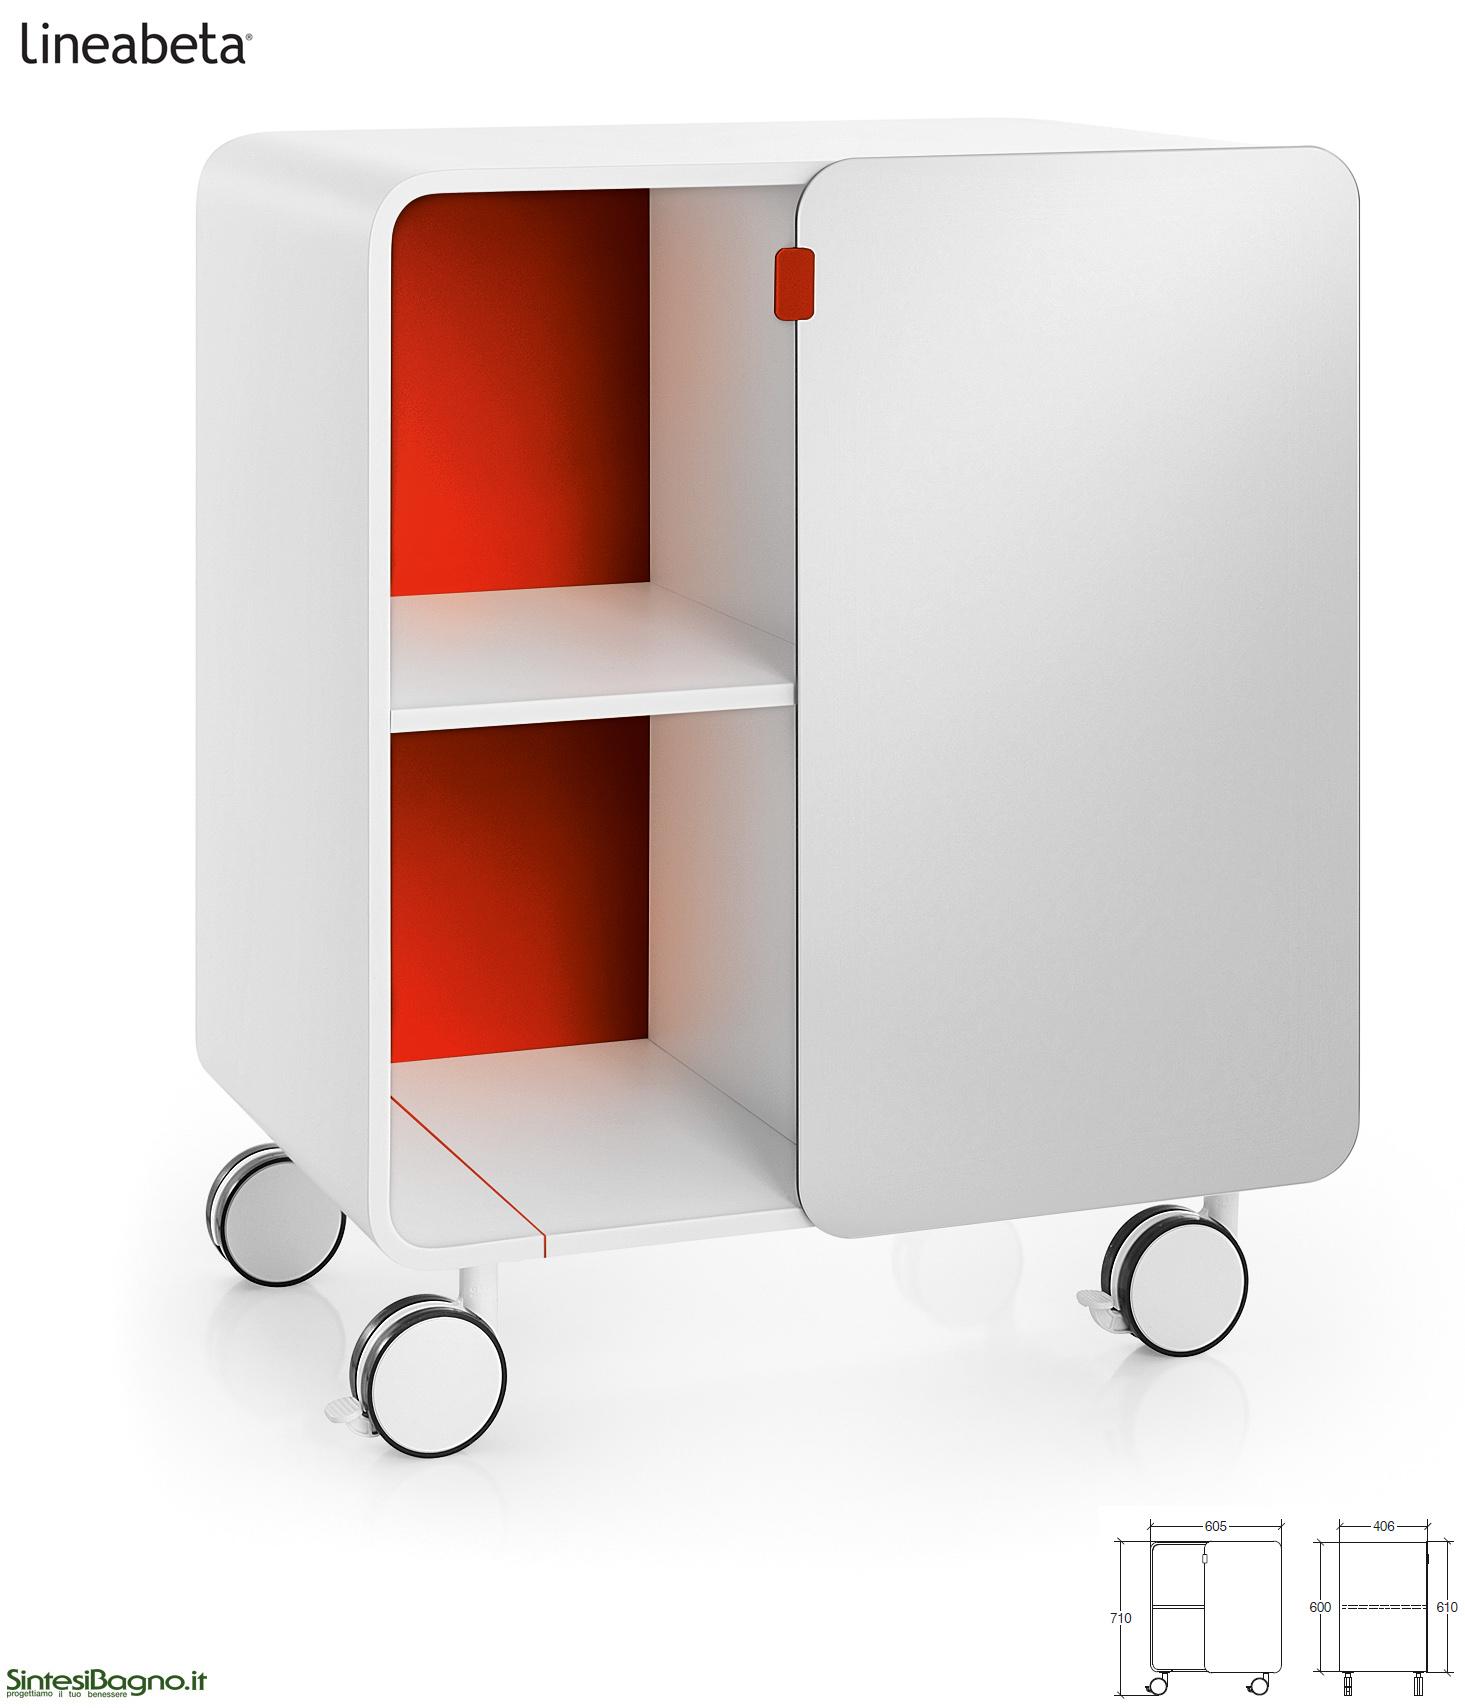 Mobili contenitori bej da lineabeta sintesibagnoblog for Mobili contenitori design